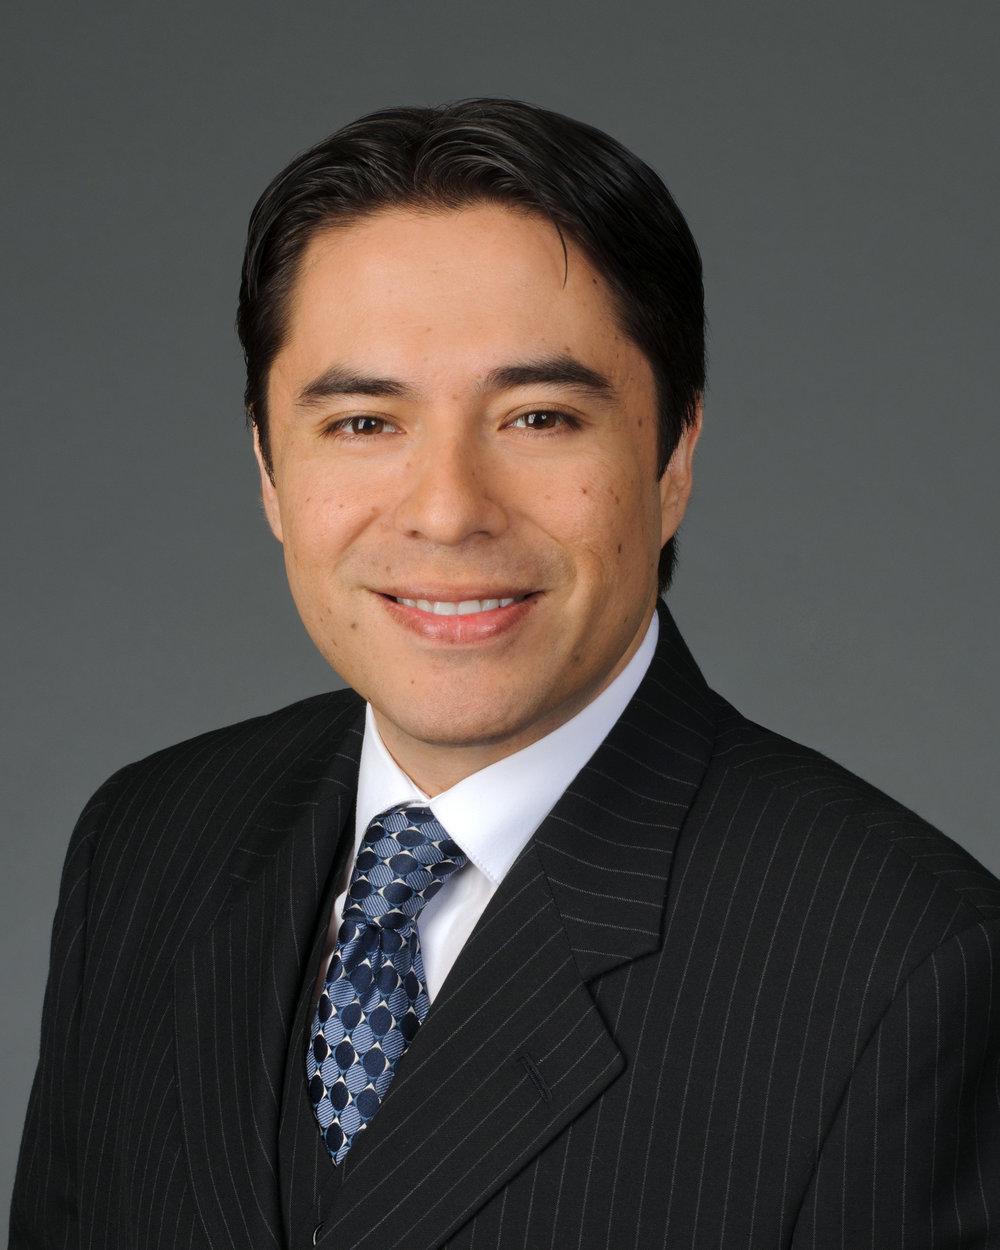 Jose Antonio Carbajal.jpg